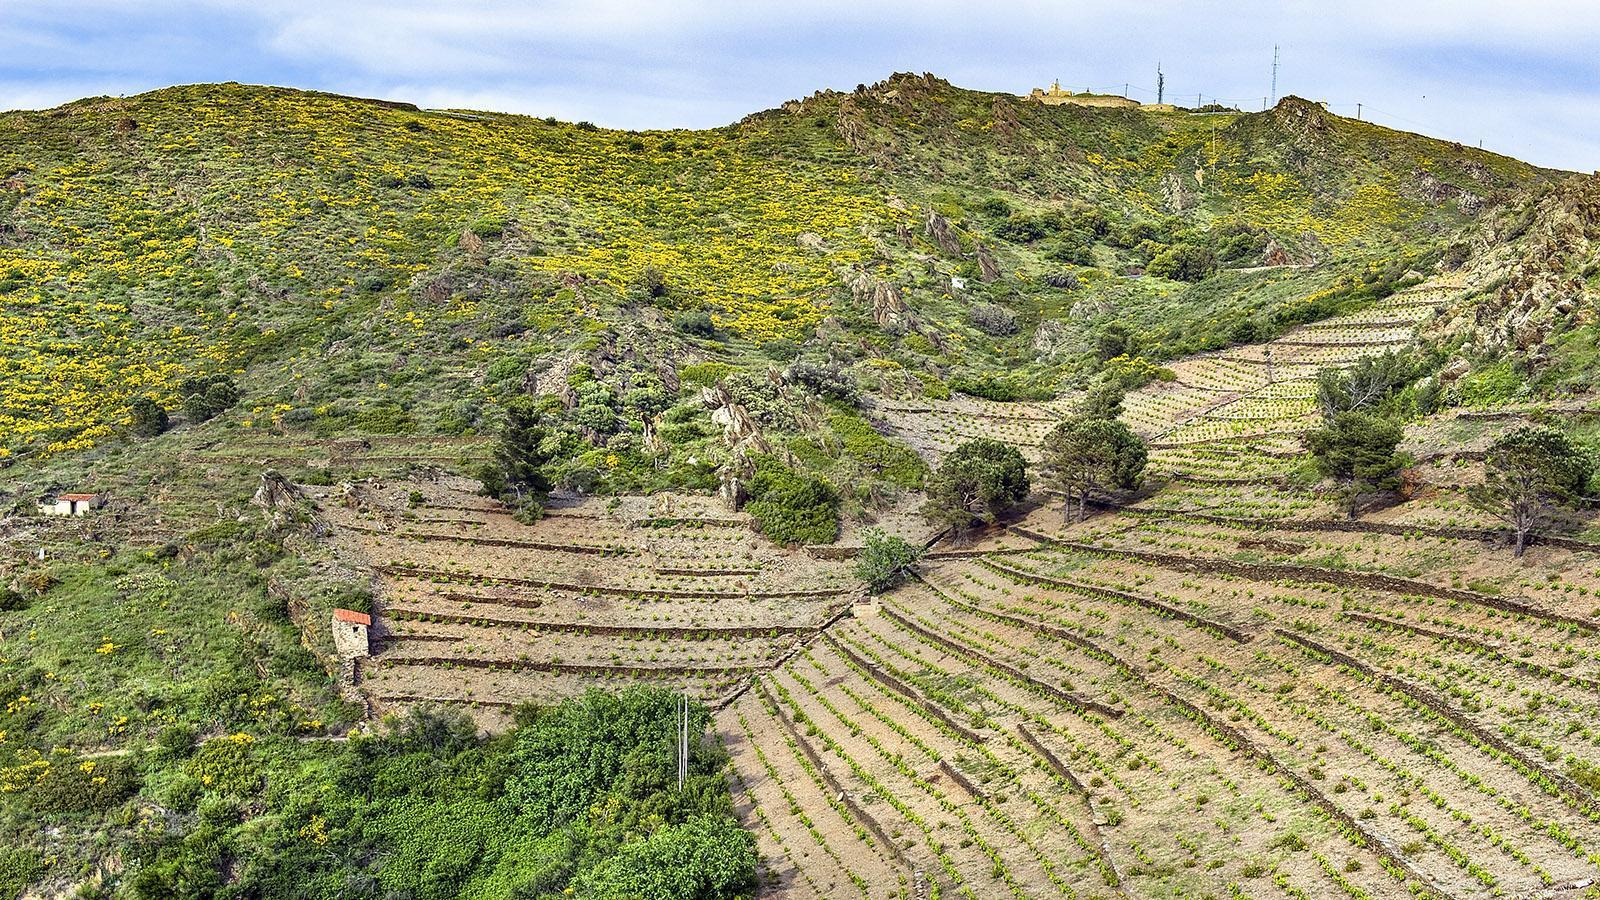 Oberhalb von Paulilles wird an steilen Hängen Wein angebaut. Foto: Hilke Maunder